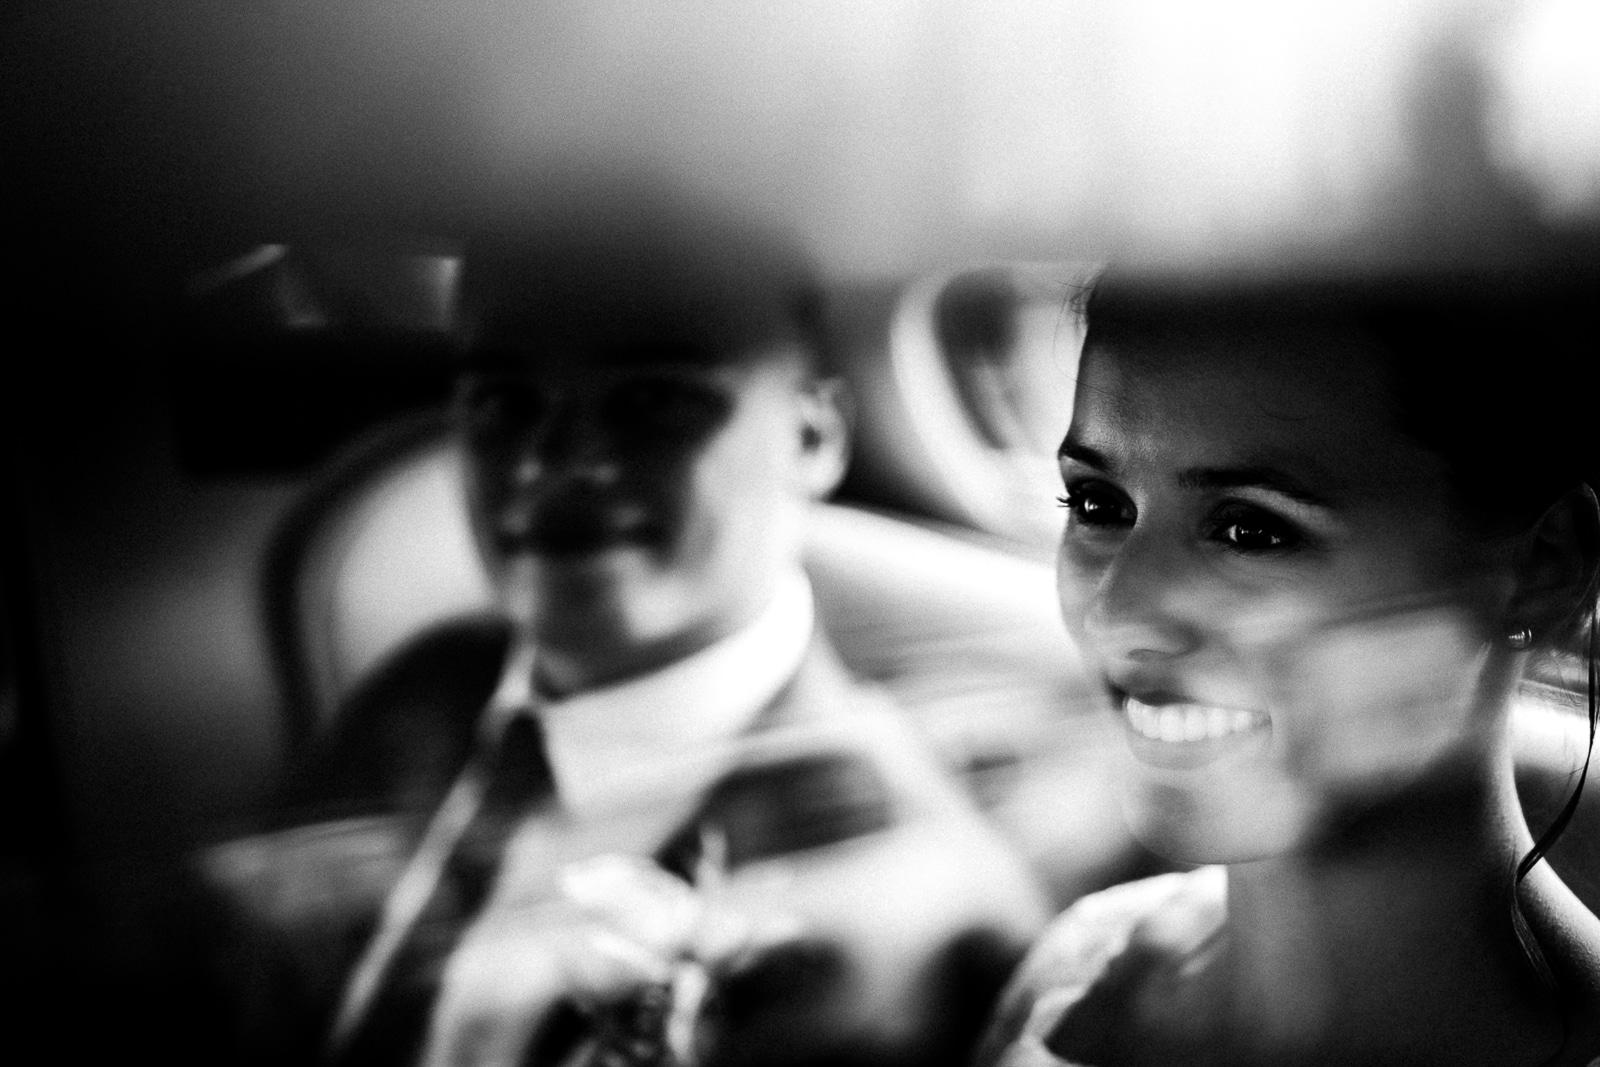 Mariage d'Ophélie et Christophe à Tours d'un photographe du Loiret de Montargis